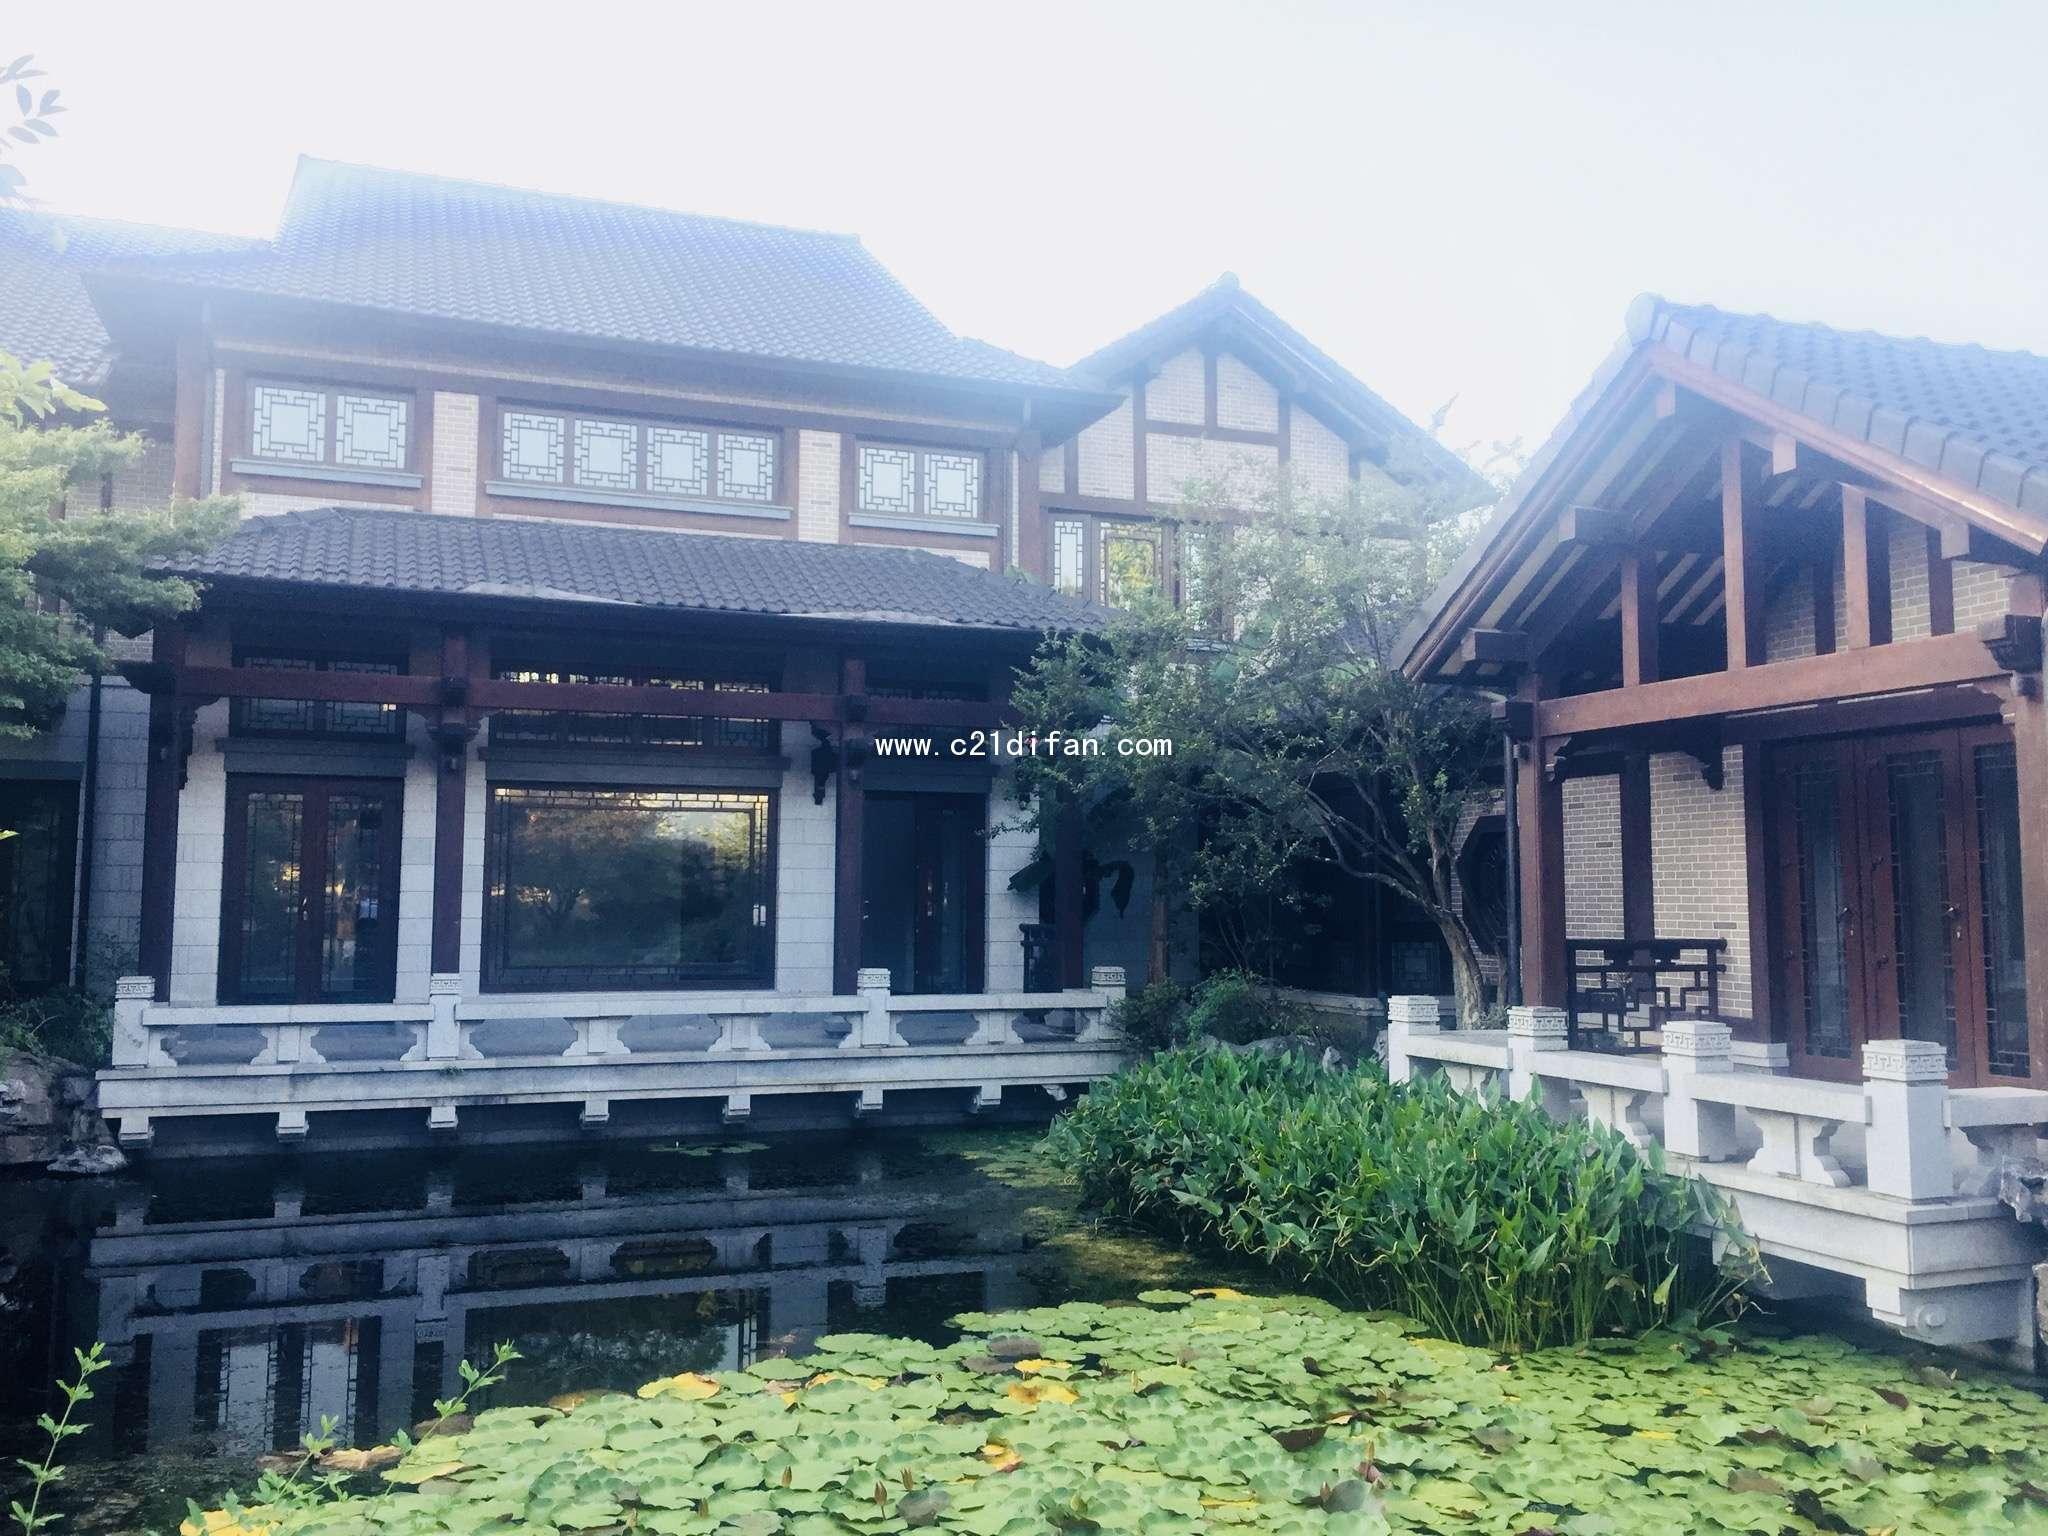 占地3.5亩的中式宅院别墅 空间布局大方 端庄 帝凡为您优选